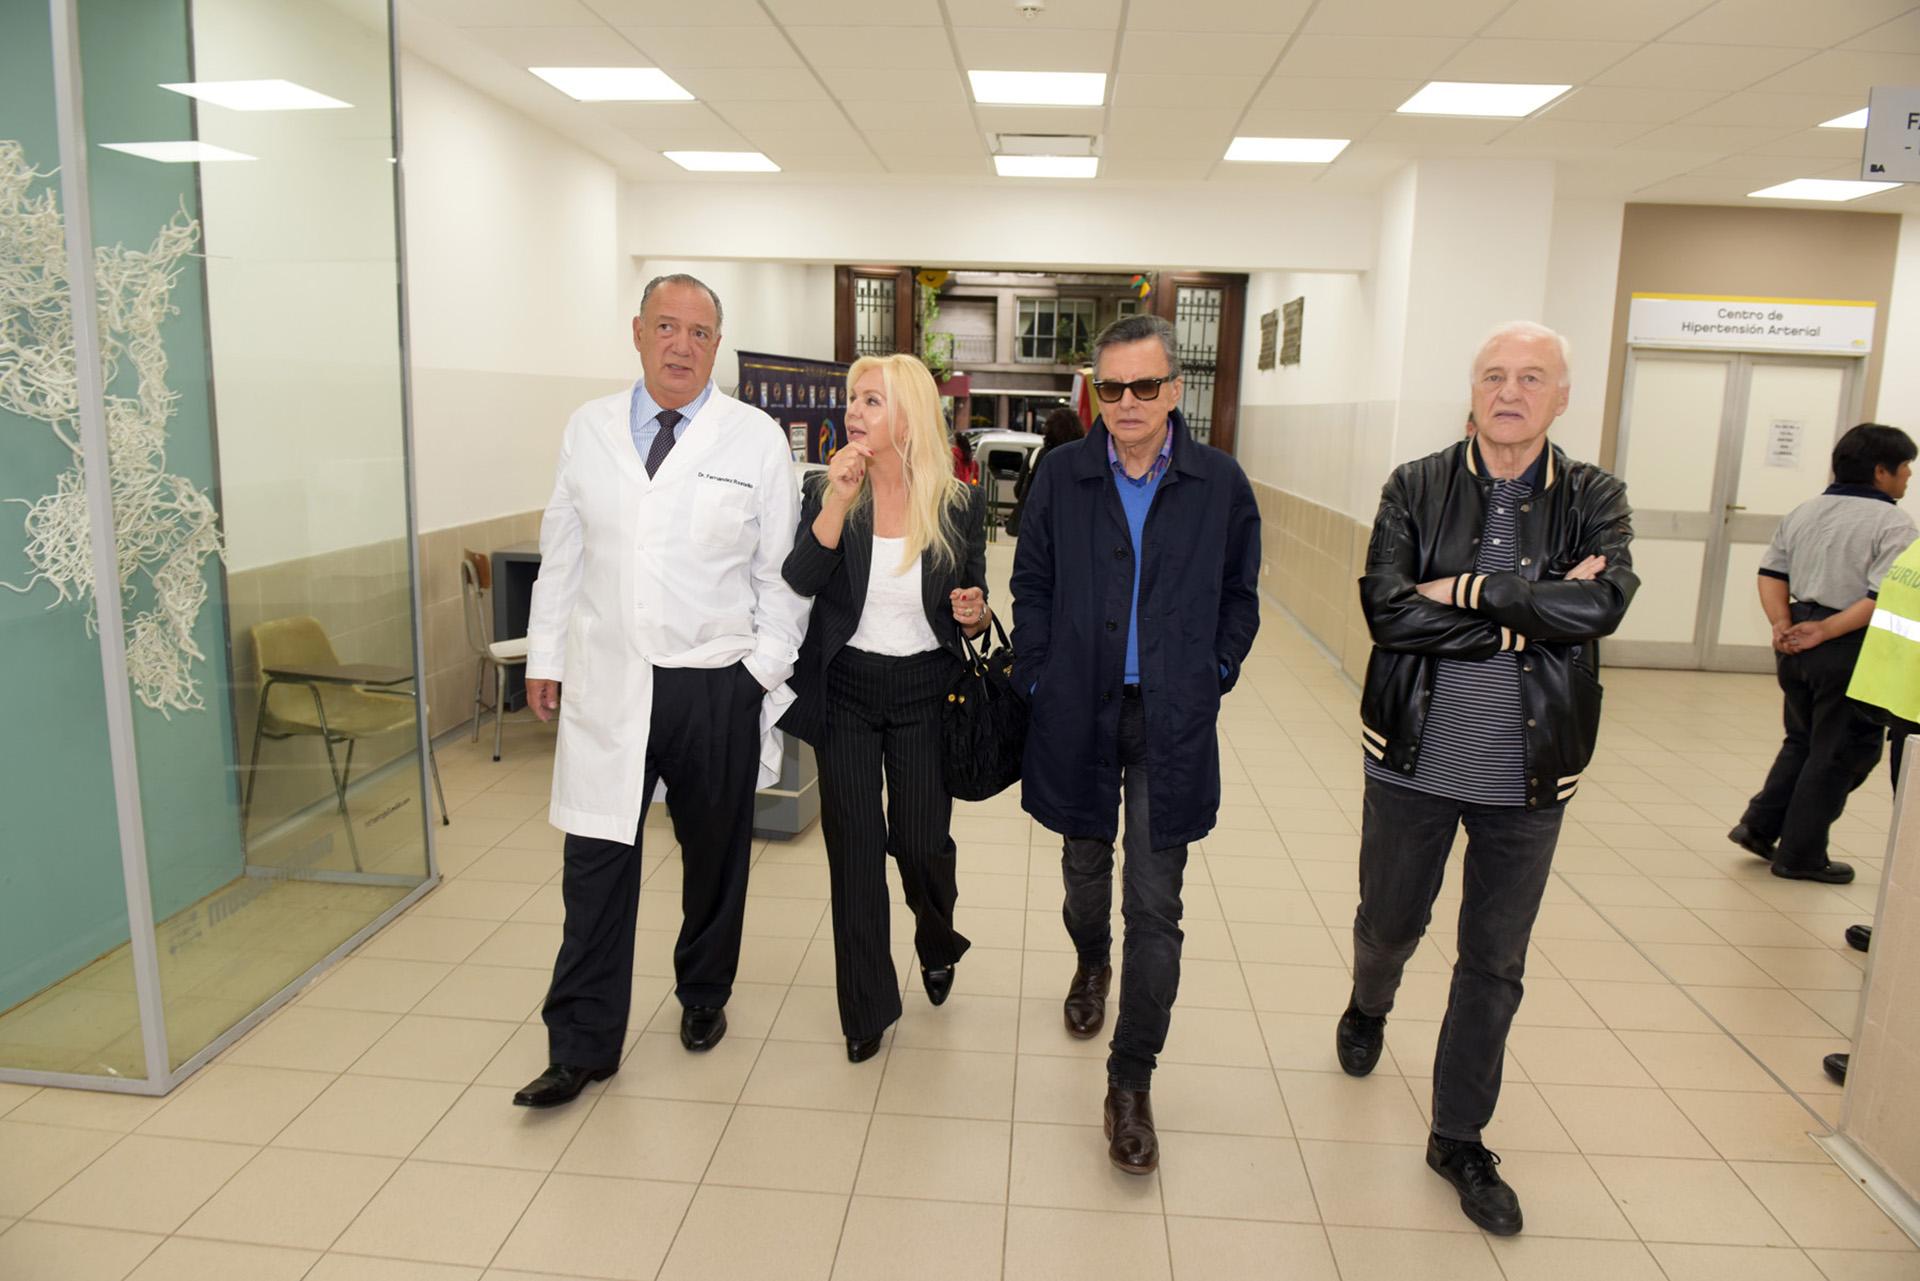 Eduardo Fernández Rostello, Diana Chugri, Palito Ortega y Lalo Fransen durante la recorrida por el Hospital Bernardino Rivadavia